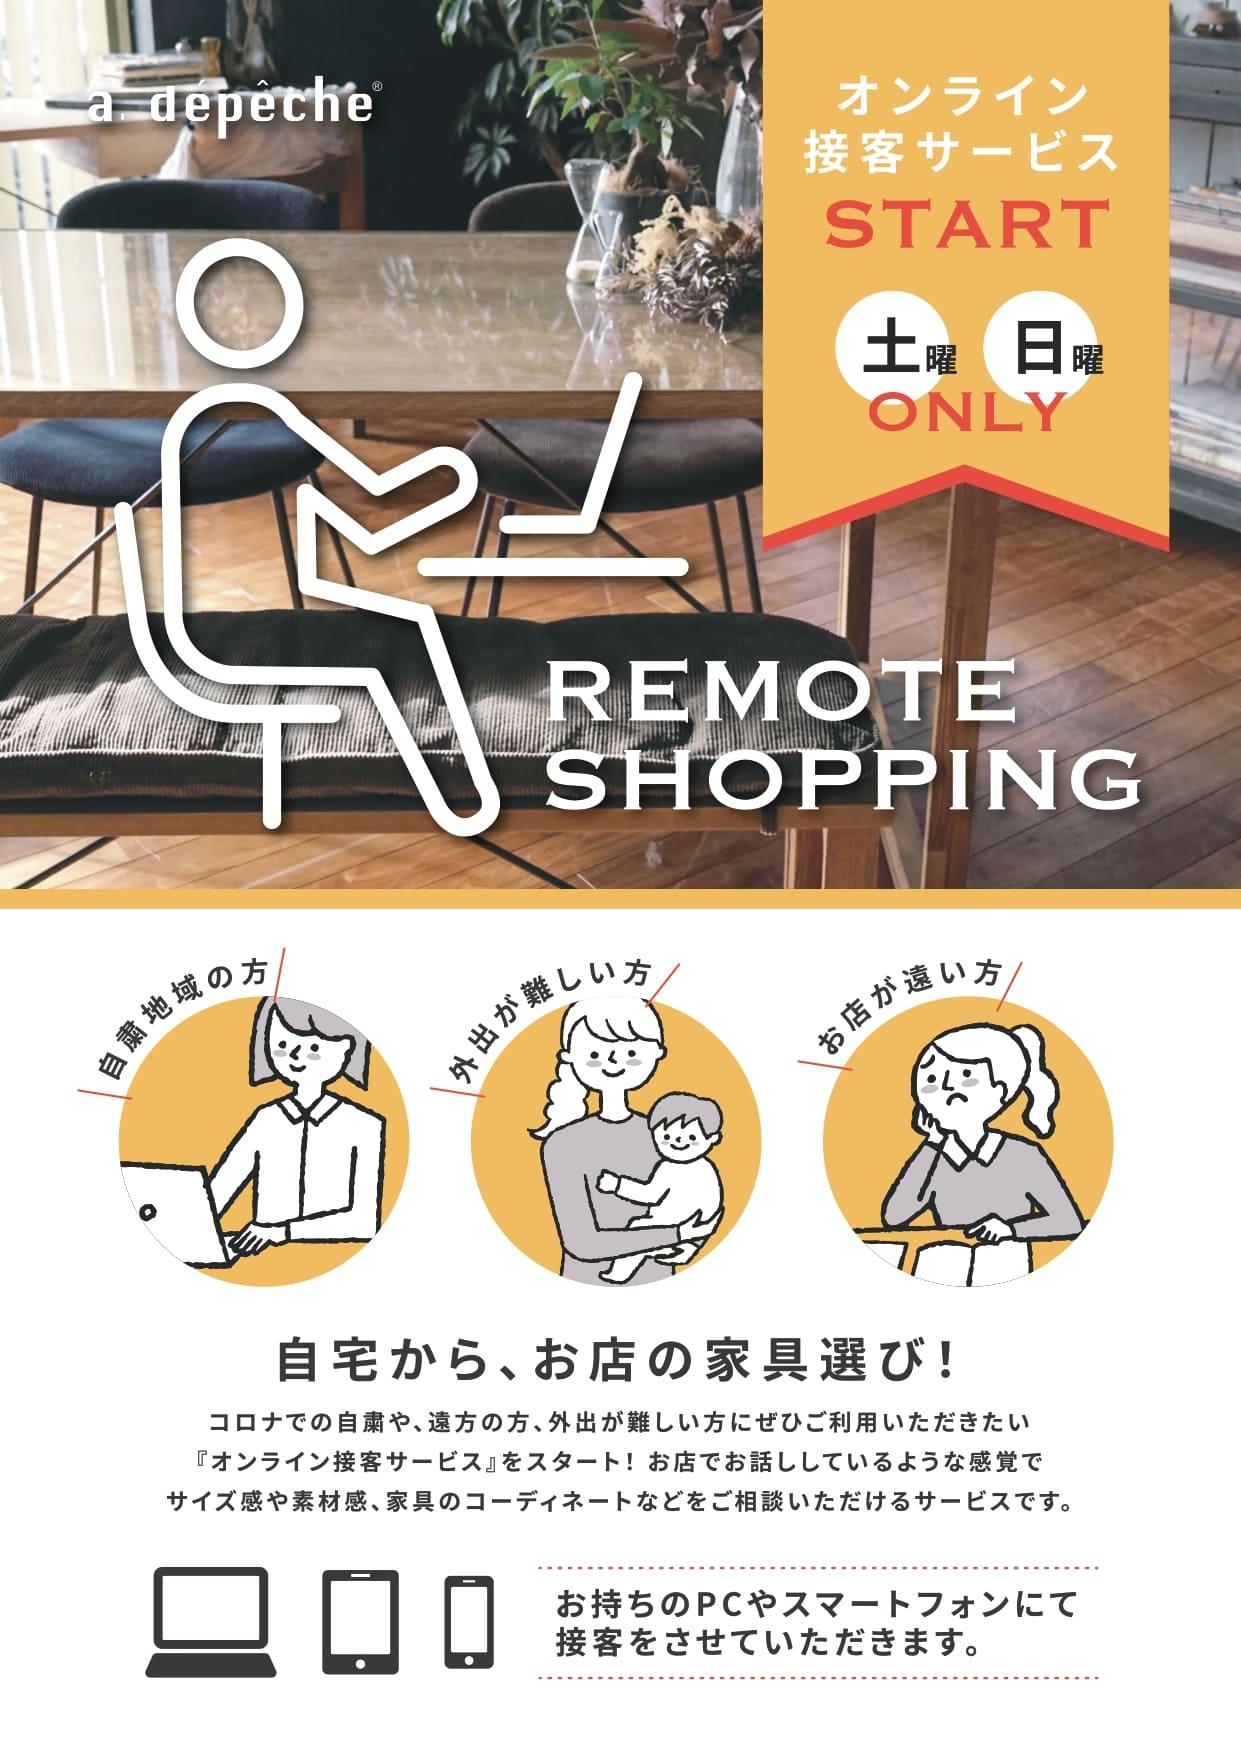 ◆オンライン接客サービス開始◆のご案内【アプリ会員限定】